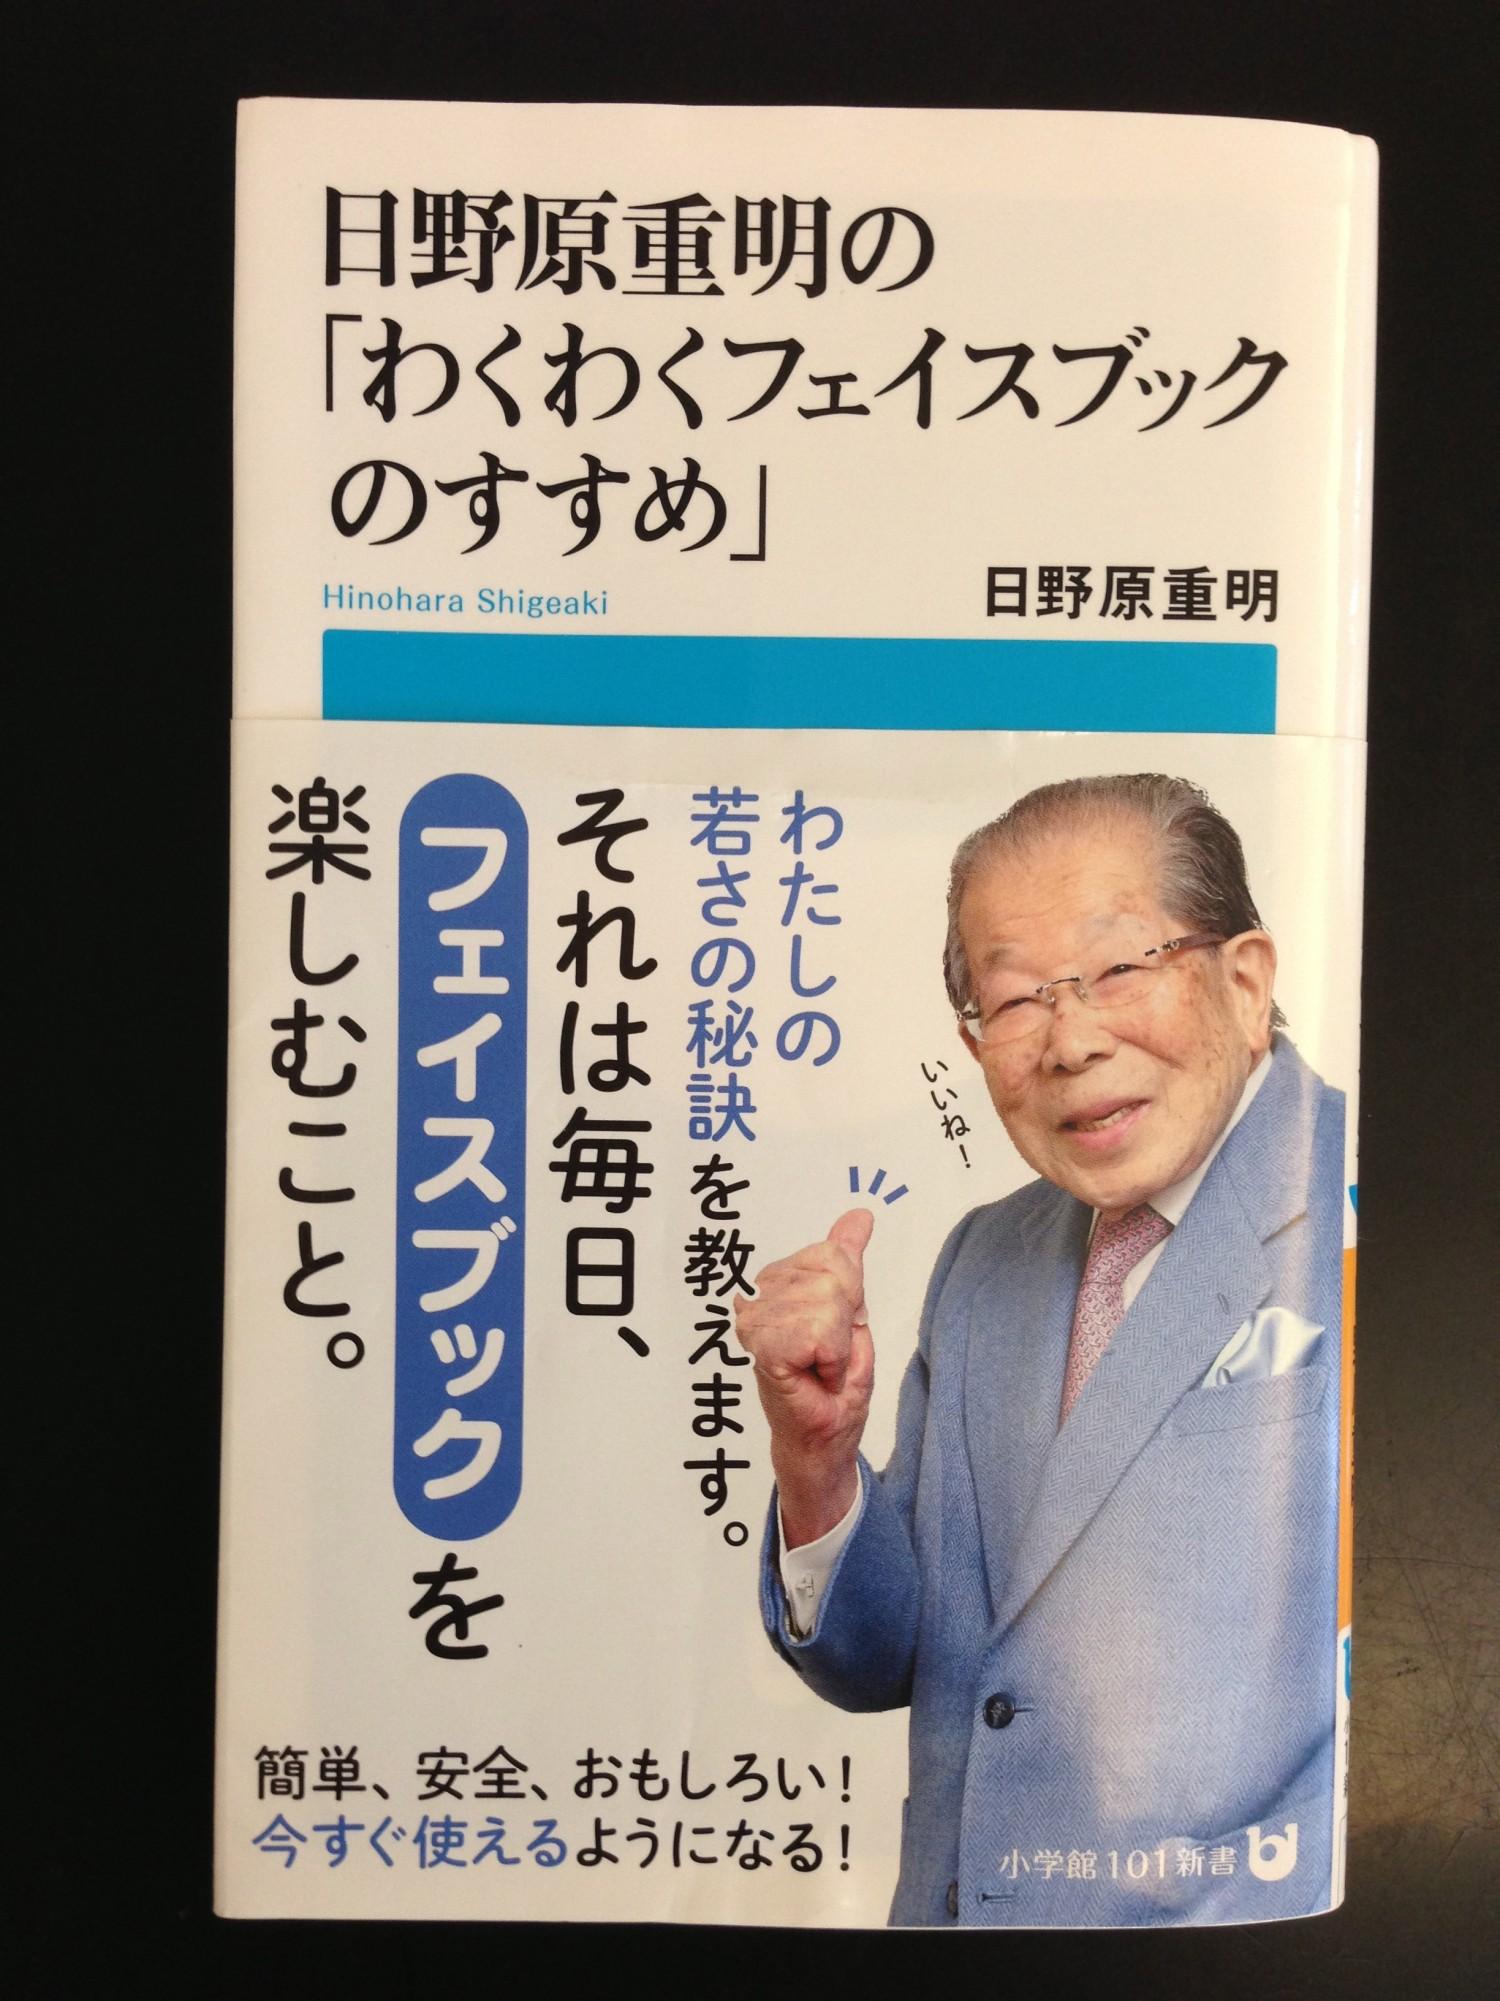 日野原重明先生のご著書に私の文章が載りました